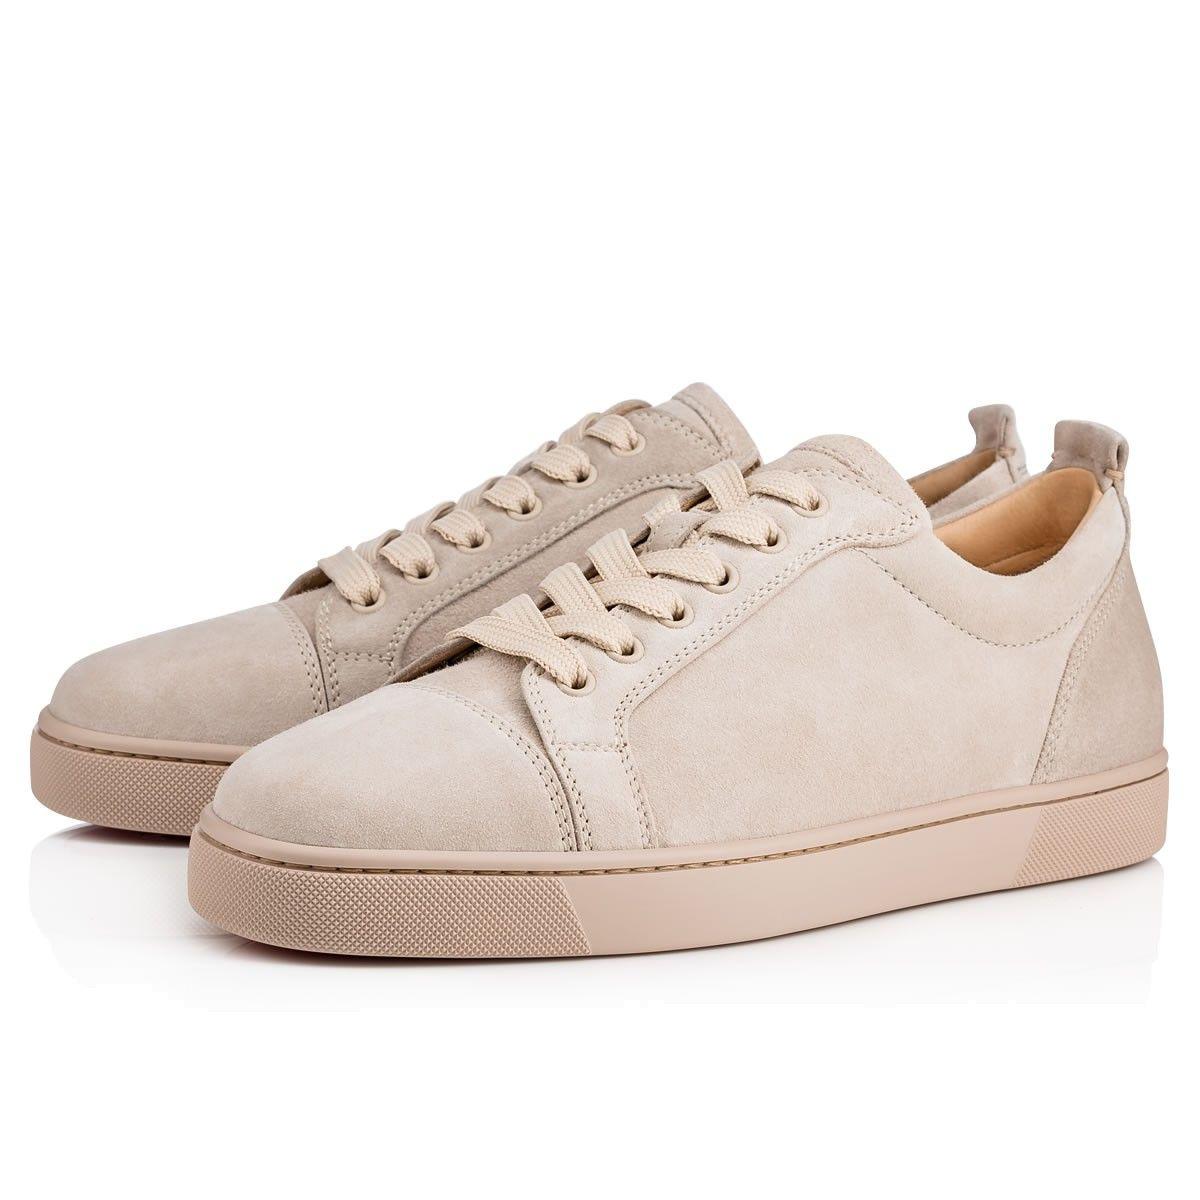 987f4e8dde8d CHRISTIAN LOUBOUTIN Louis Junior Men S Flat Colombe Suede - Men Shoes - Christian  Louboutin.  christianlouboutin  shoes